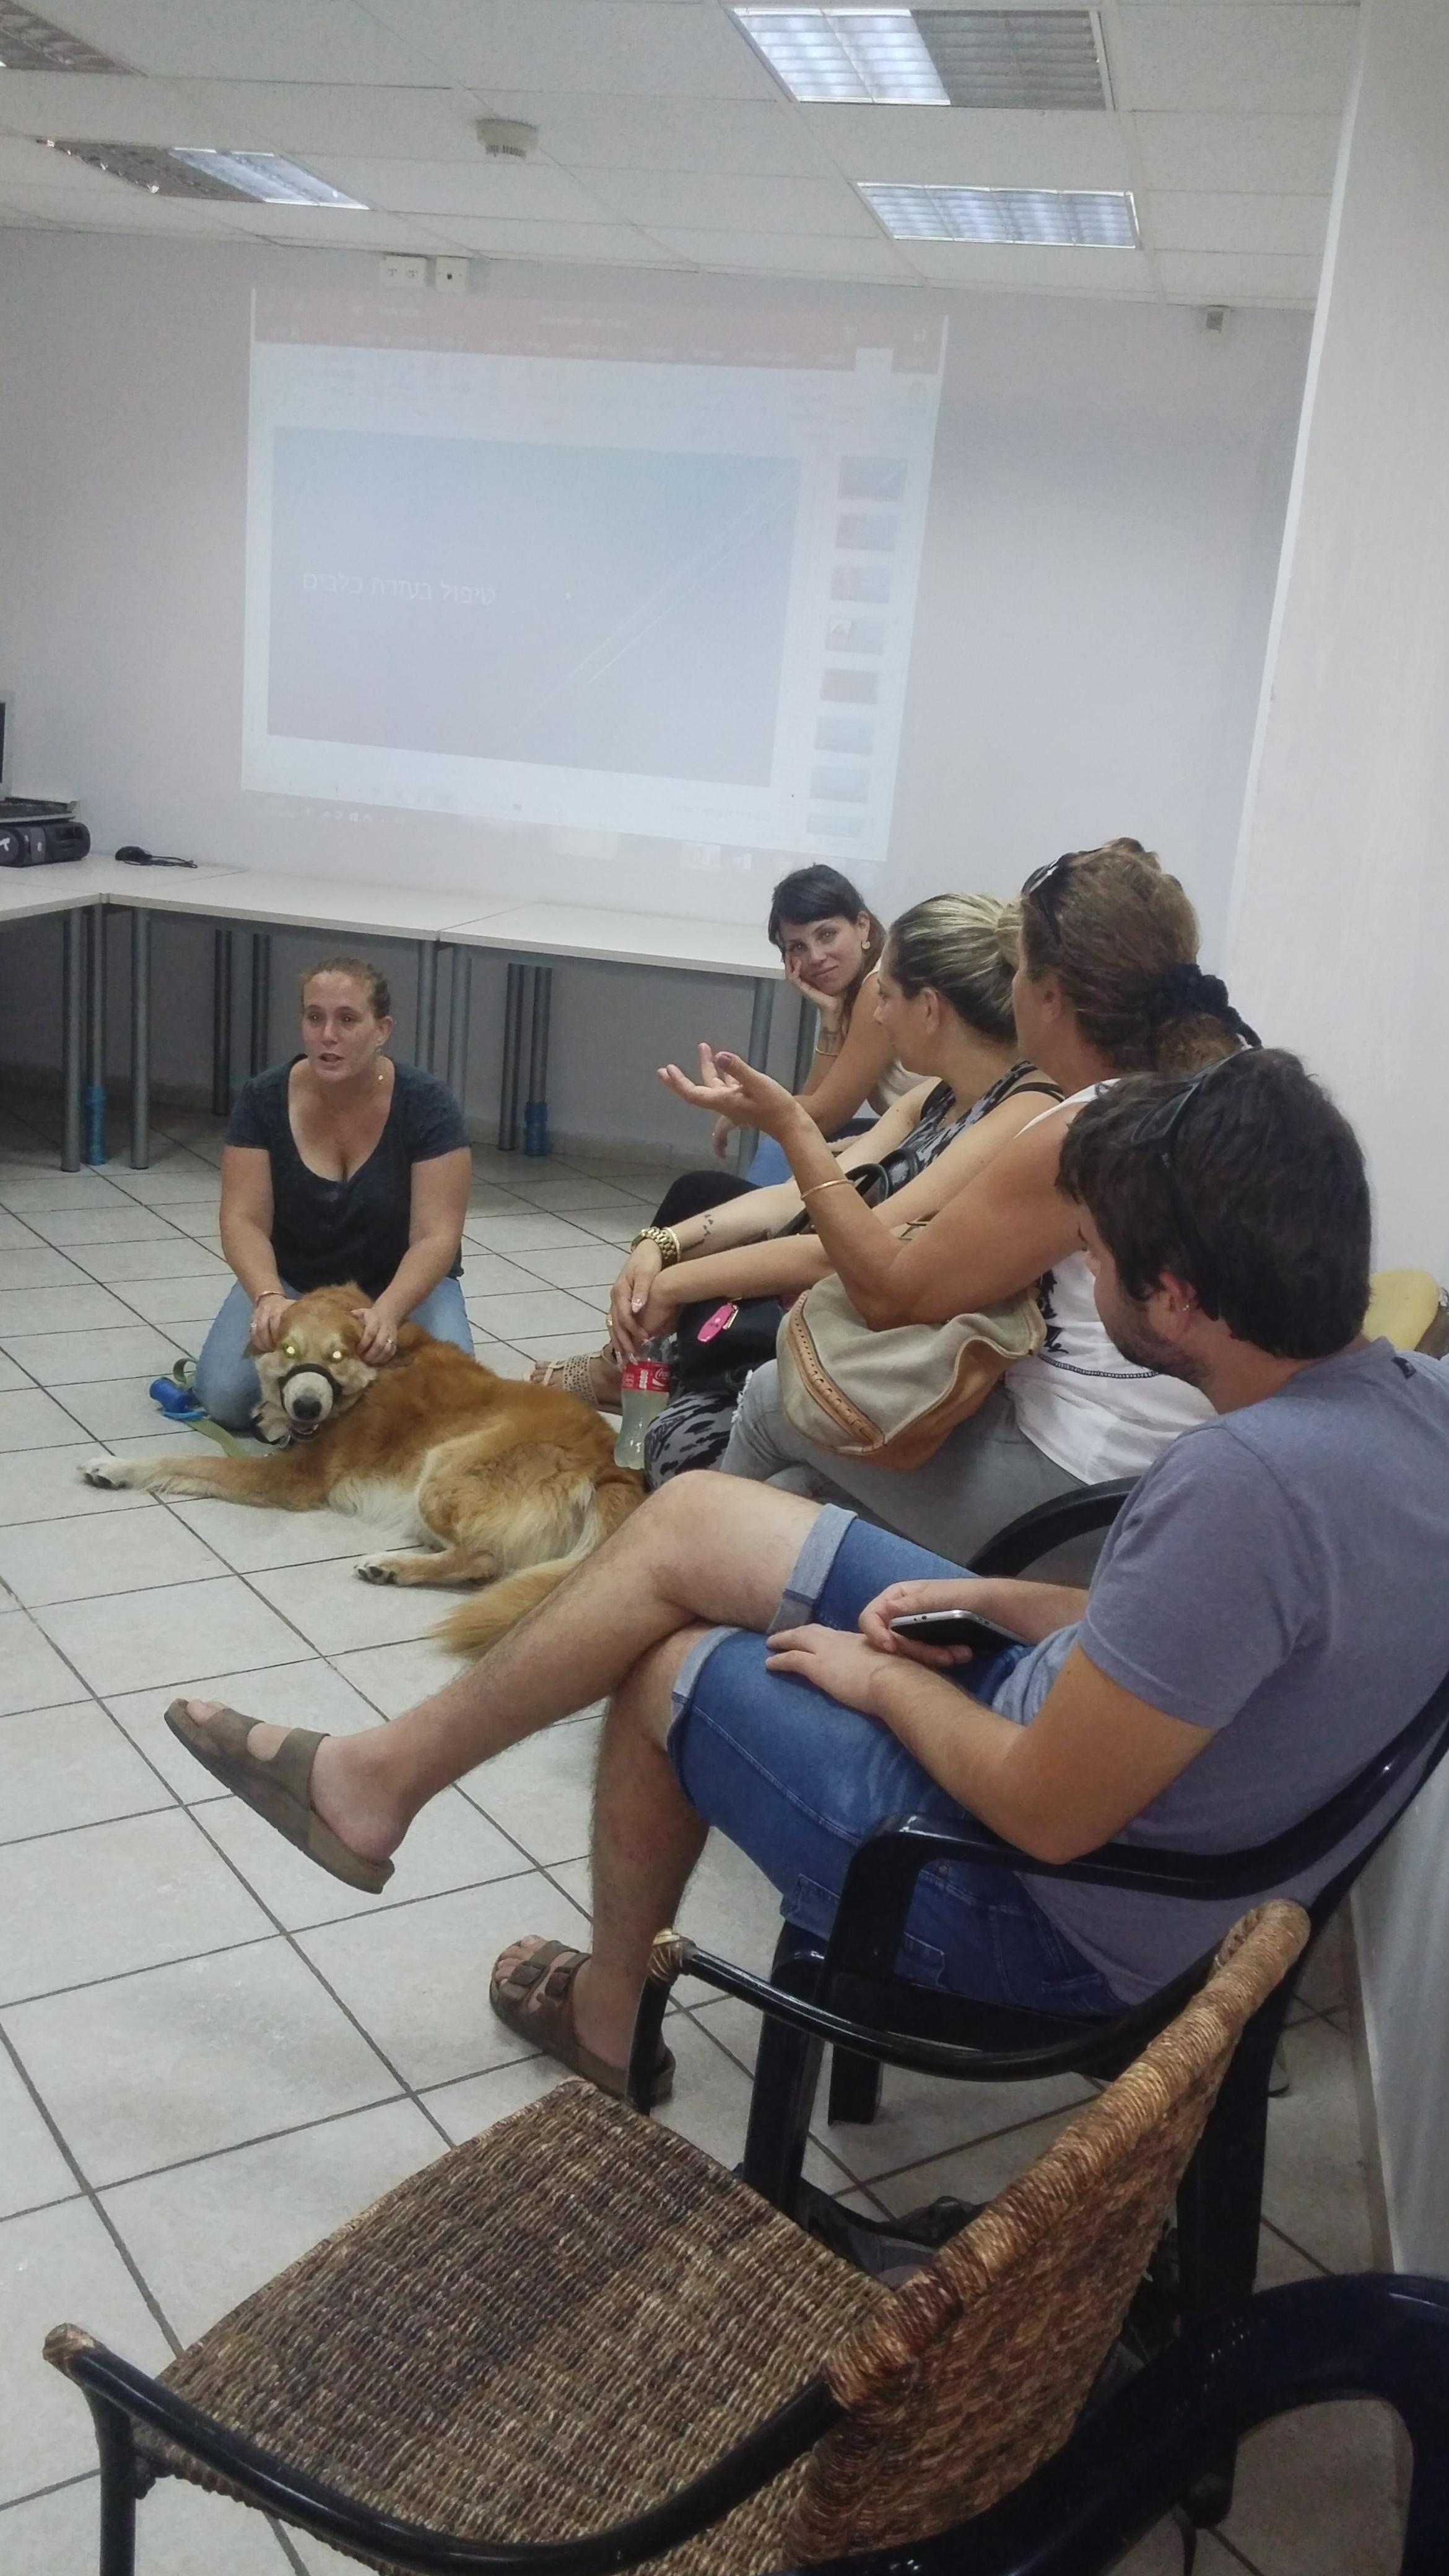 הרצאה בנושא טיפול בבעלי חיים- דיור מוגן בש  (3)